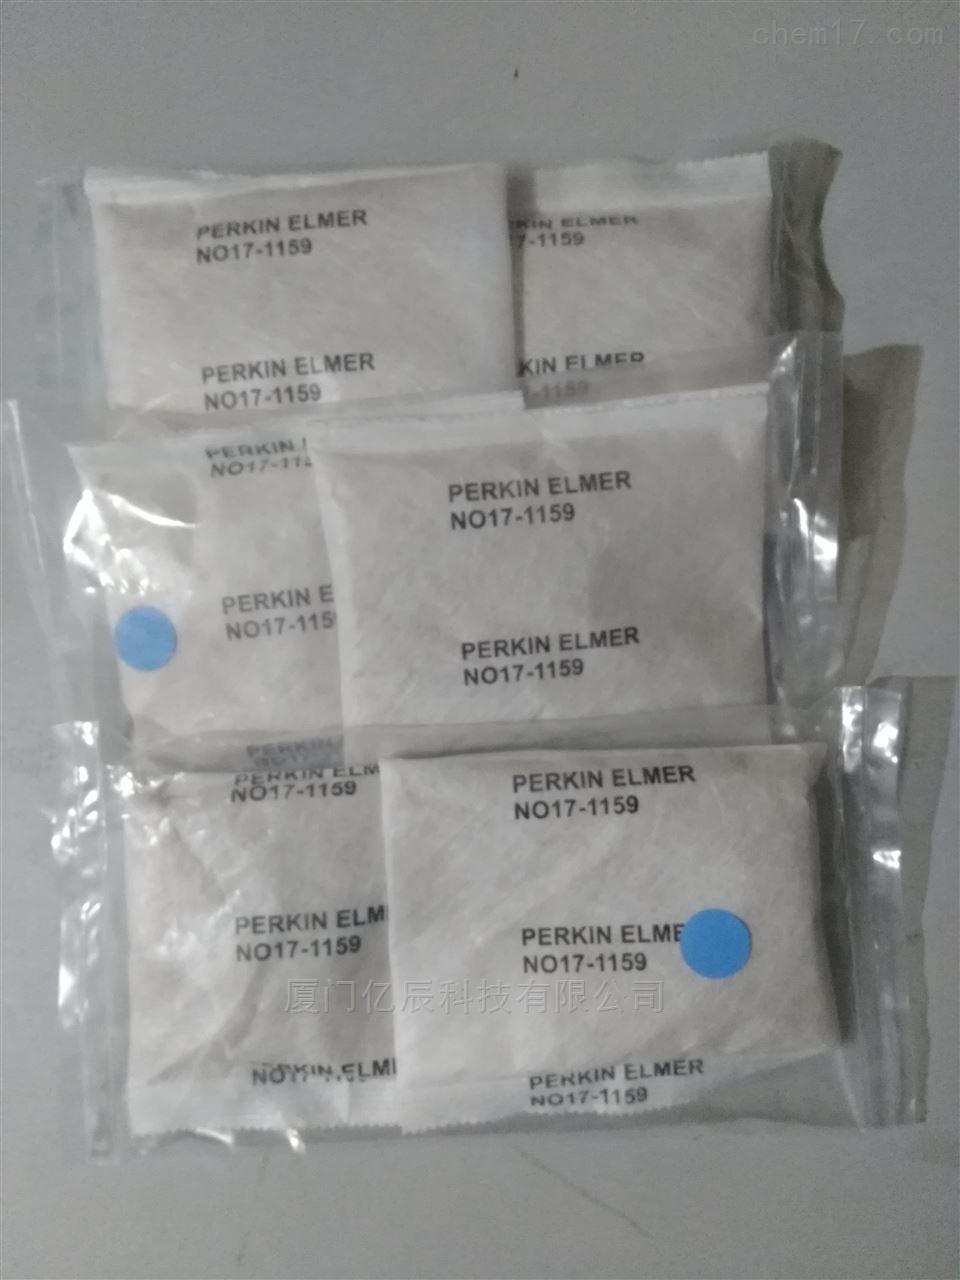 N0171159一次性干燥剂套装  现货促销 市场公开报价